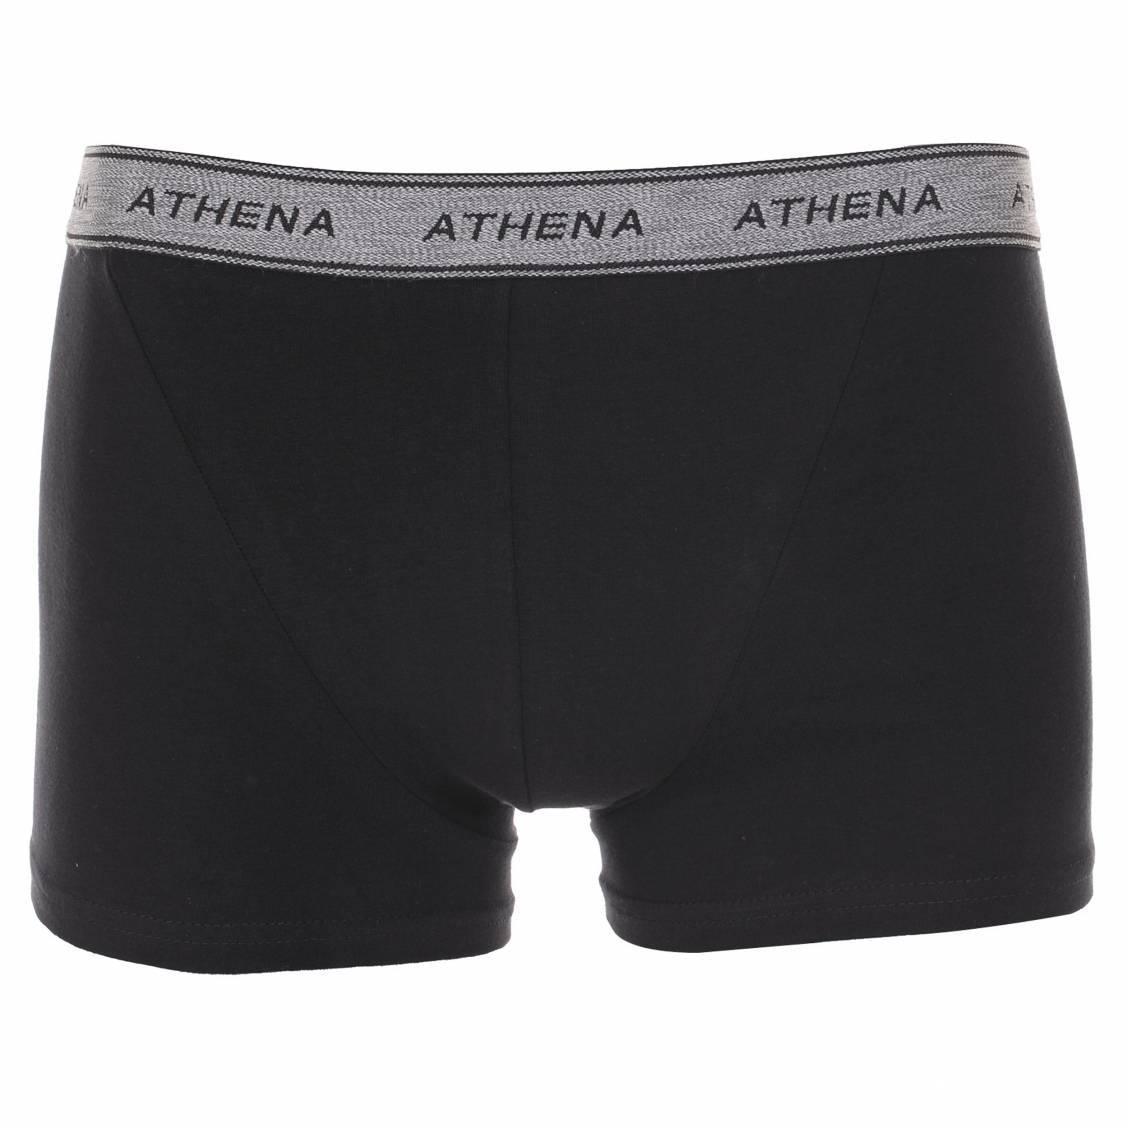 Lot de 4 boxers Athena en coton noir à ceintures grises